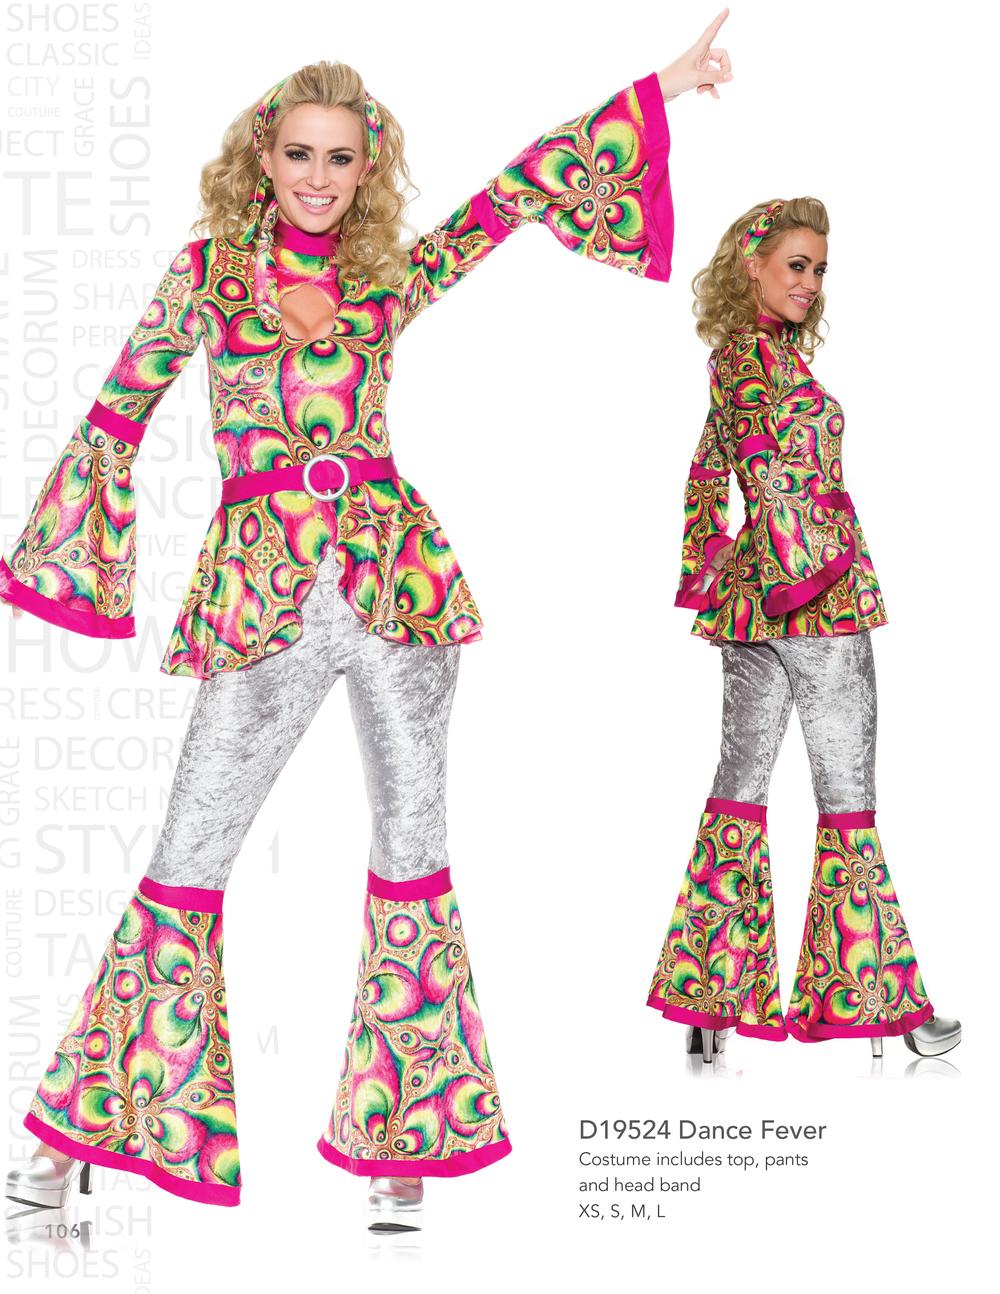 D19524 Dance Fever